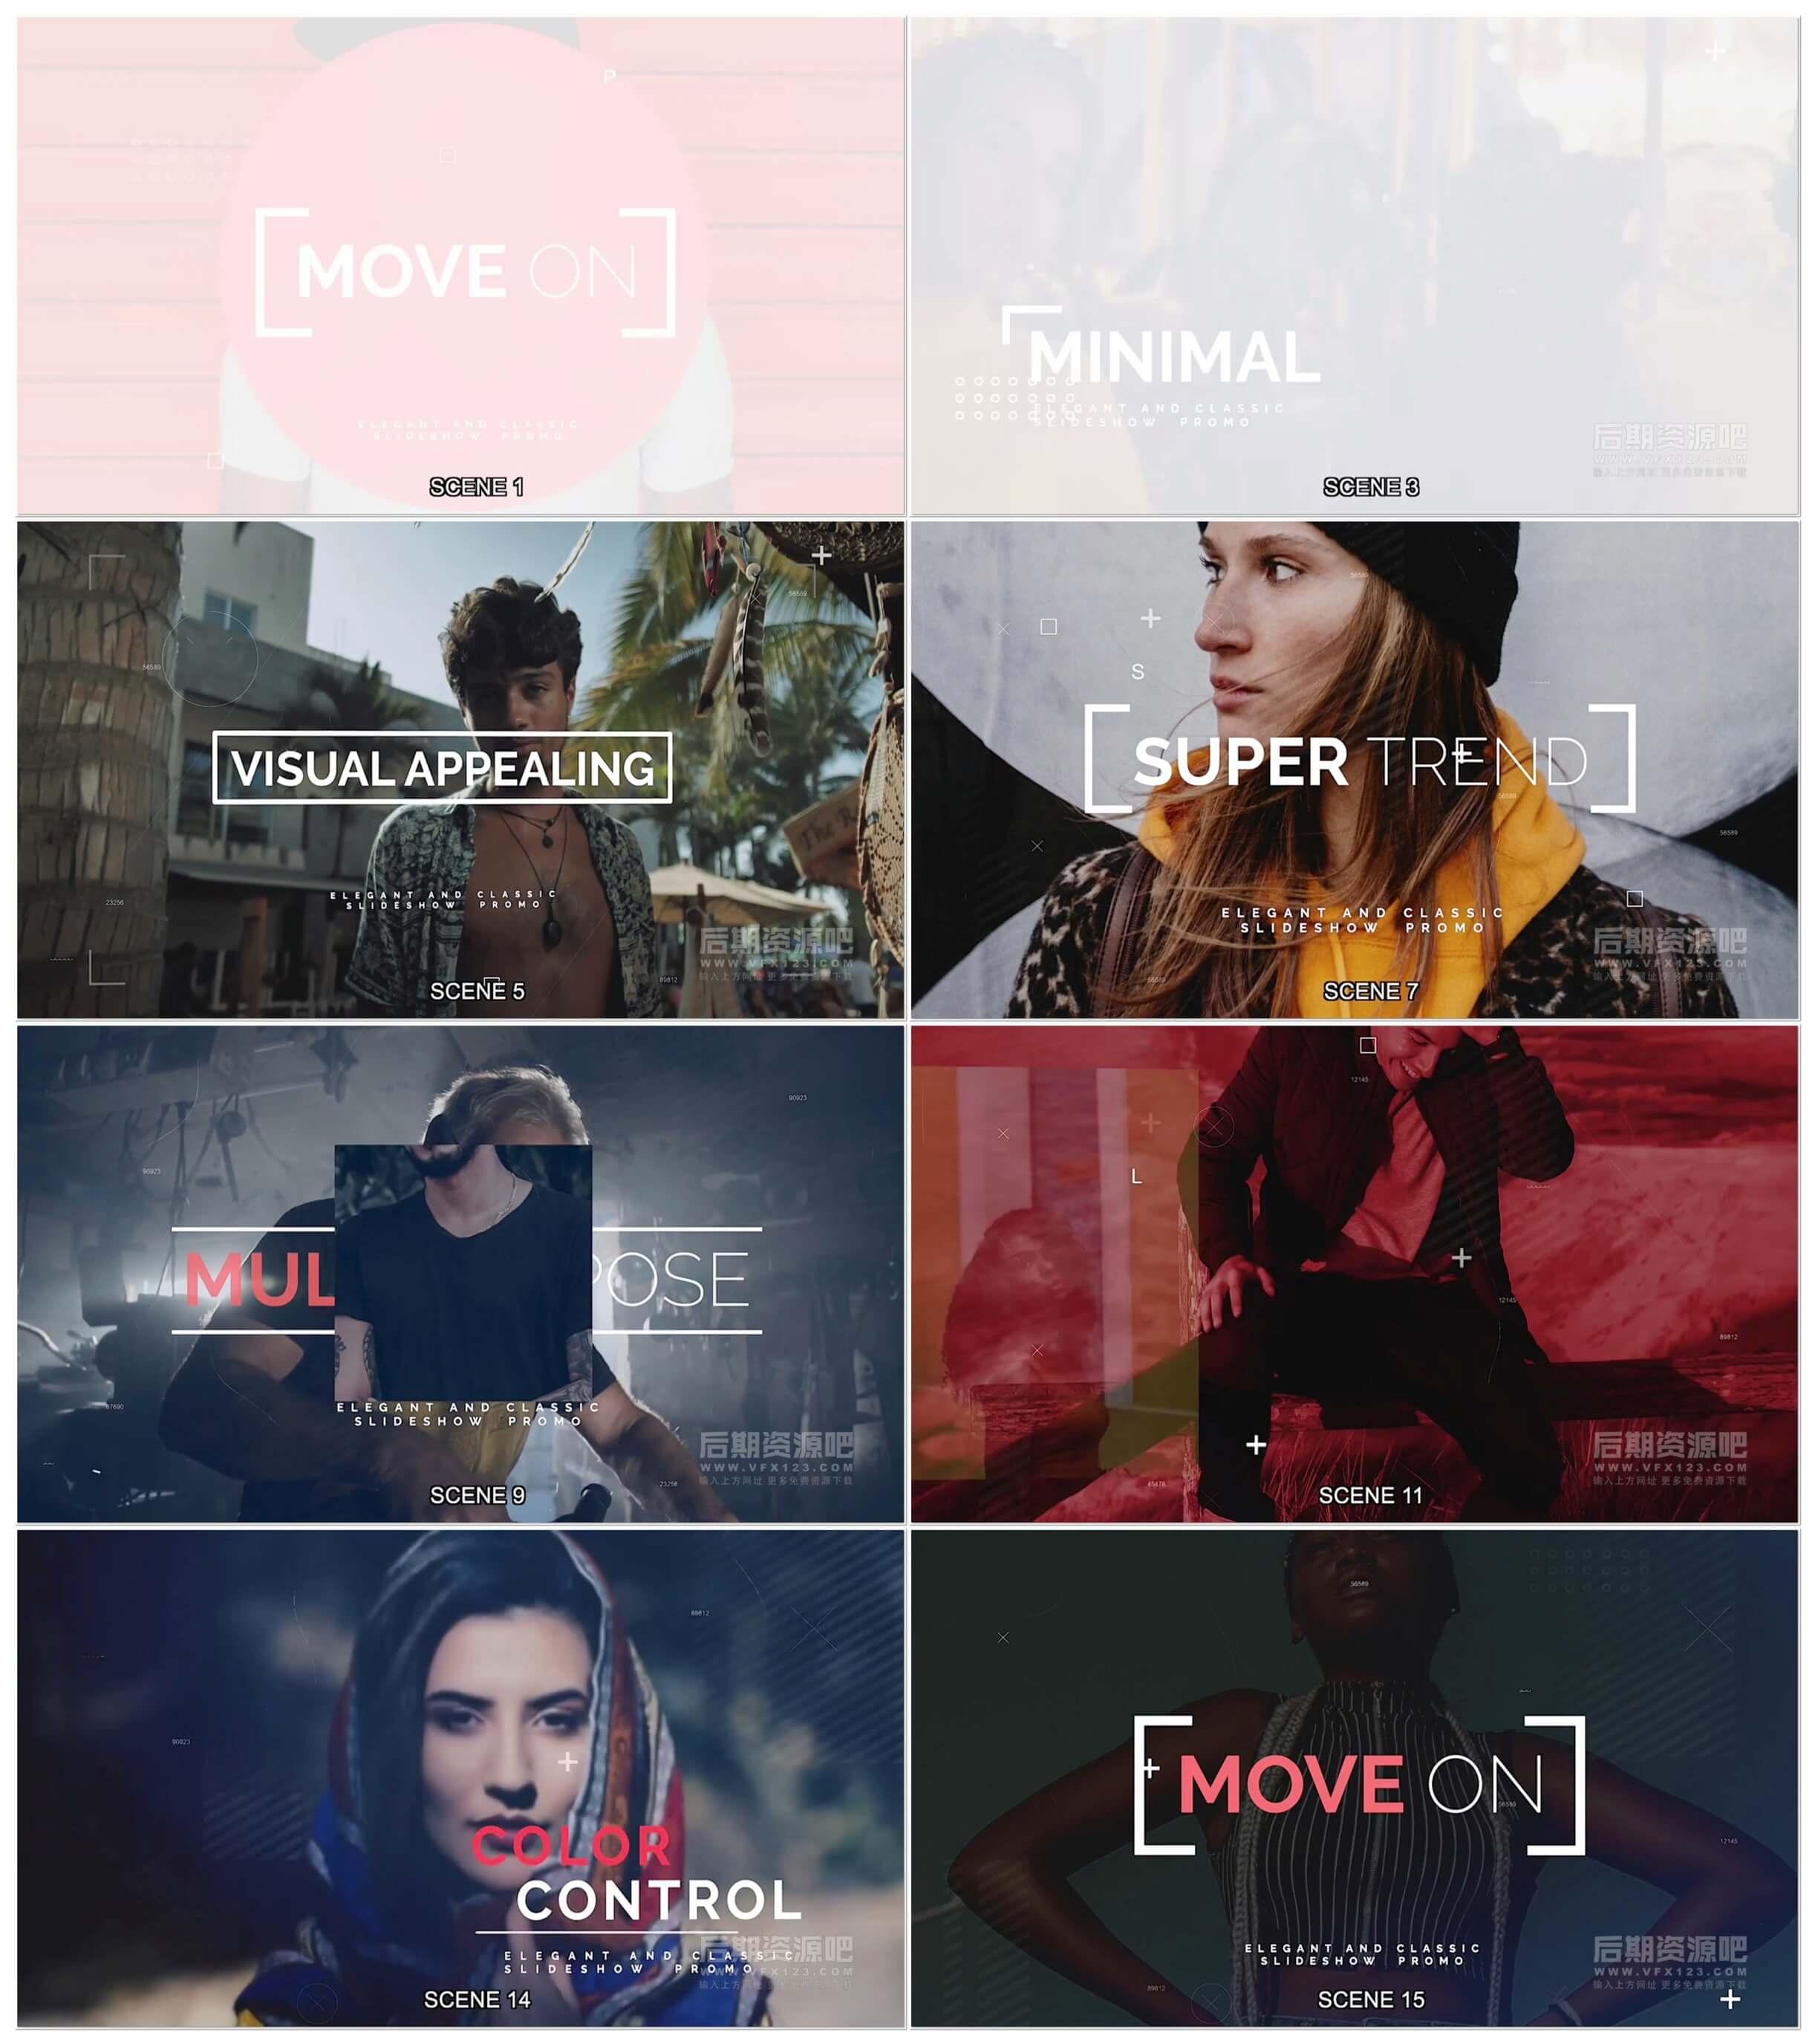 fcpx插件 超酷都市时尚写真图文展示片头模板 Move On